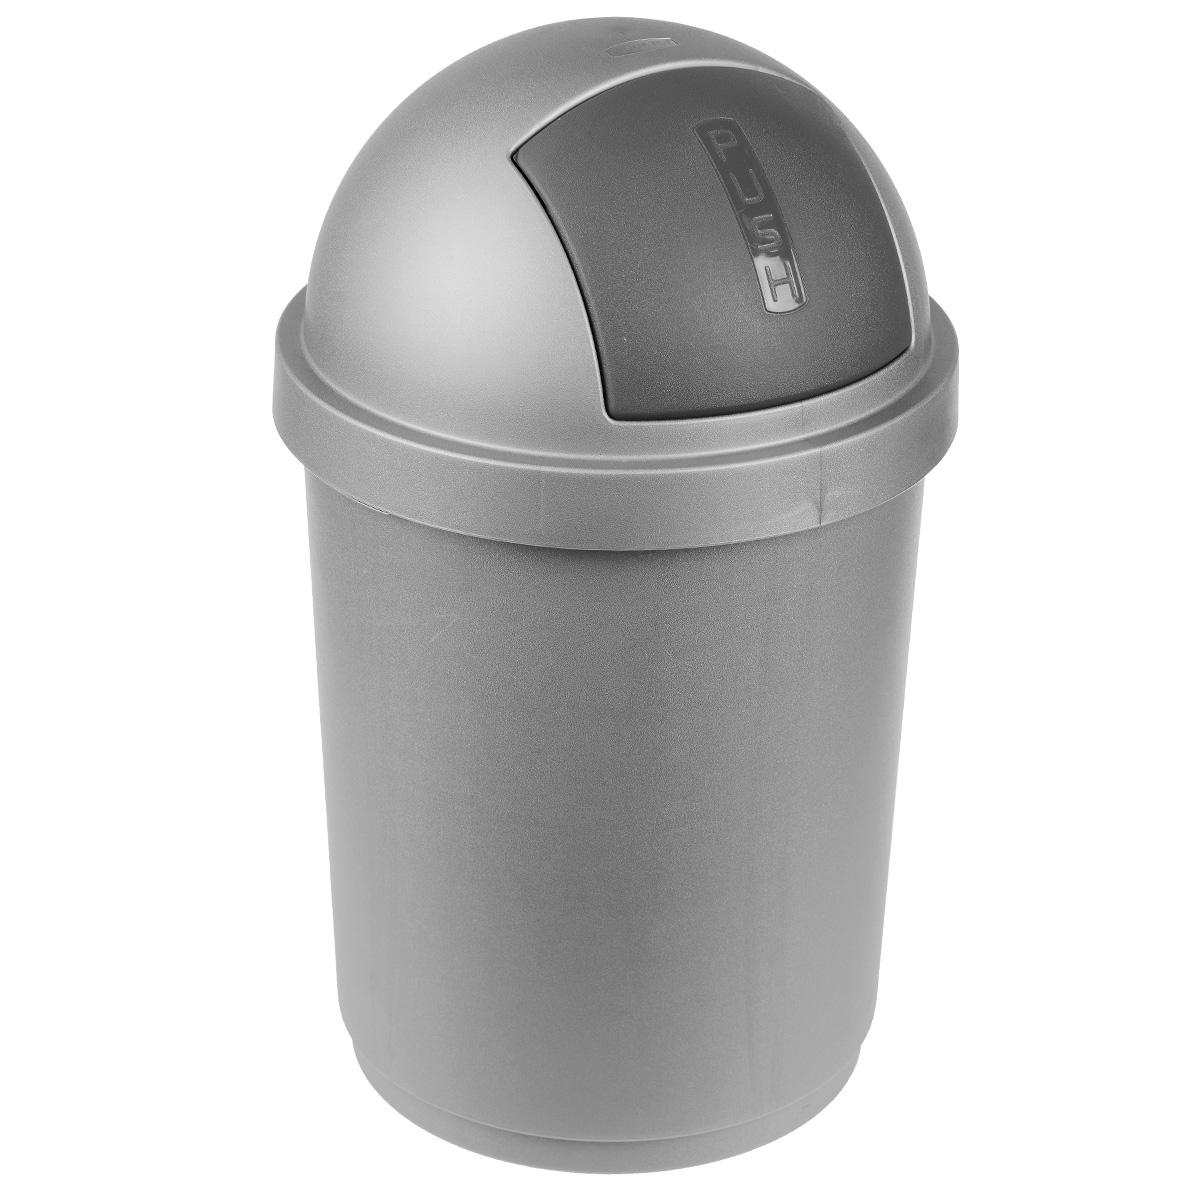 Контейнер для мусора Curver Буллет бин, цвет: серебристый, черный, 25 л03929-877-41Контейнер для мусора Curver Буллет бин изготовлен из высококачественного пластика и по форме напоминает пулю. Контейнер оснащен специальной крышкой с удобной дверцей на пружинке, которая предотвращает распространение запаха. Бороться с мелким мусором станет легко. Благодаря лаконичному дизайну такой контейнер идеально впишется в интерьер и дома, и офиса.